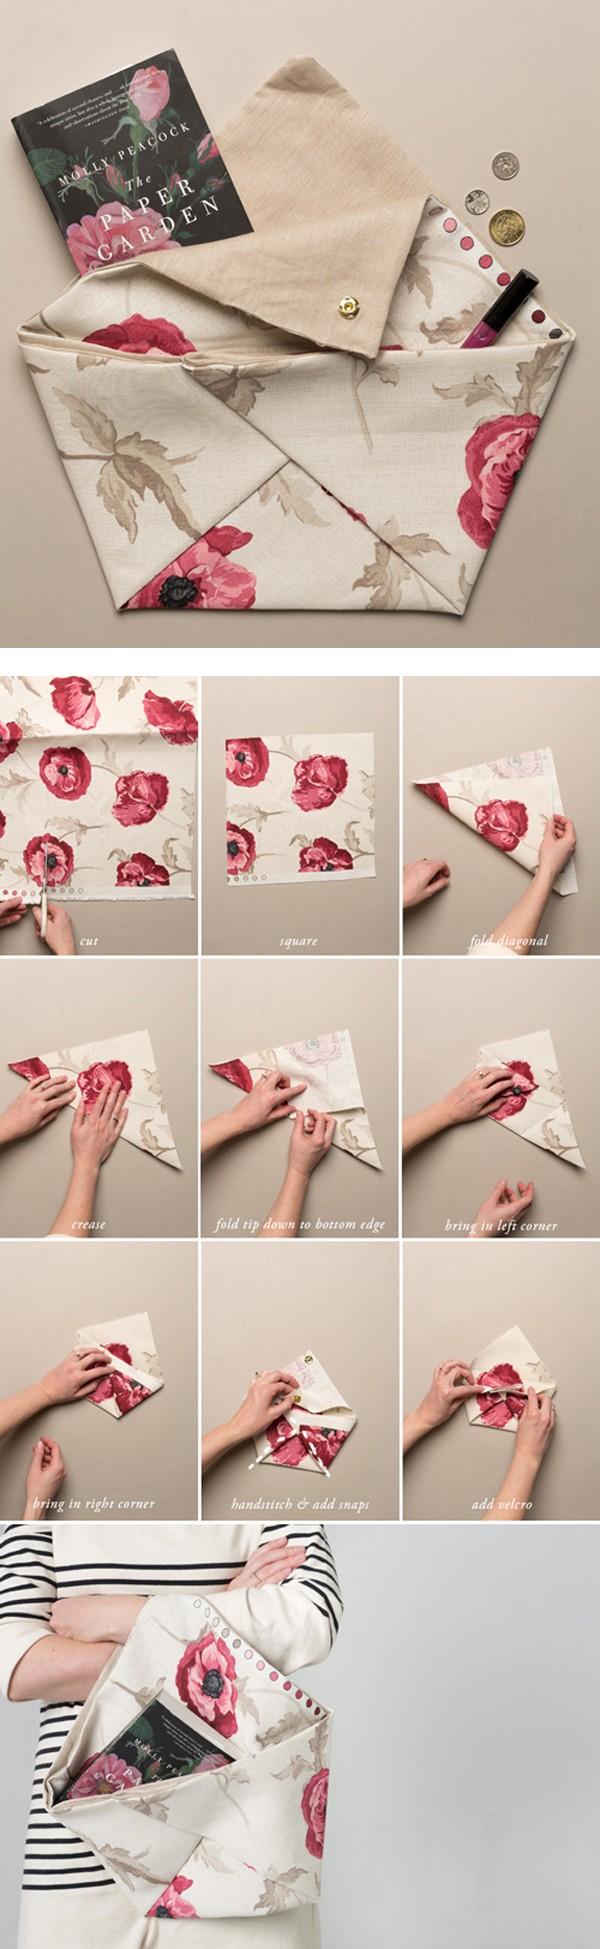 Những cách làm túi ví hay ho chẳng cần may vá 1